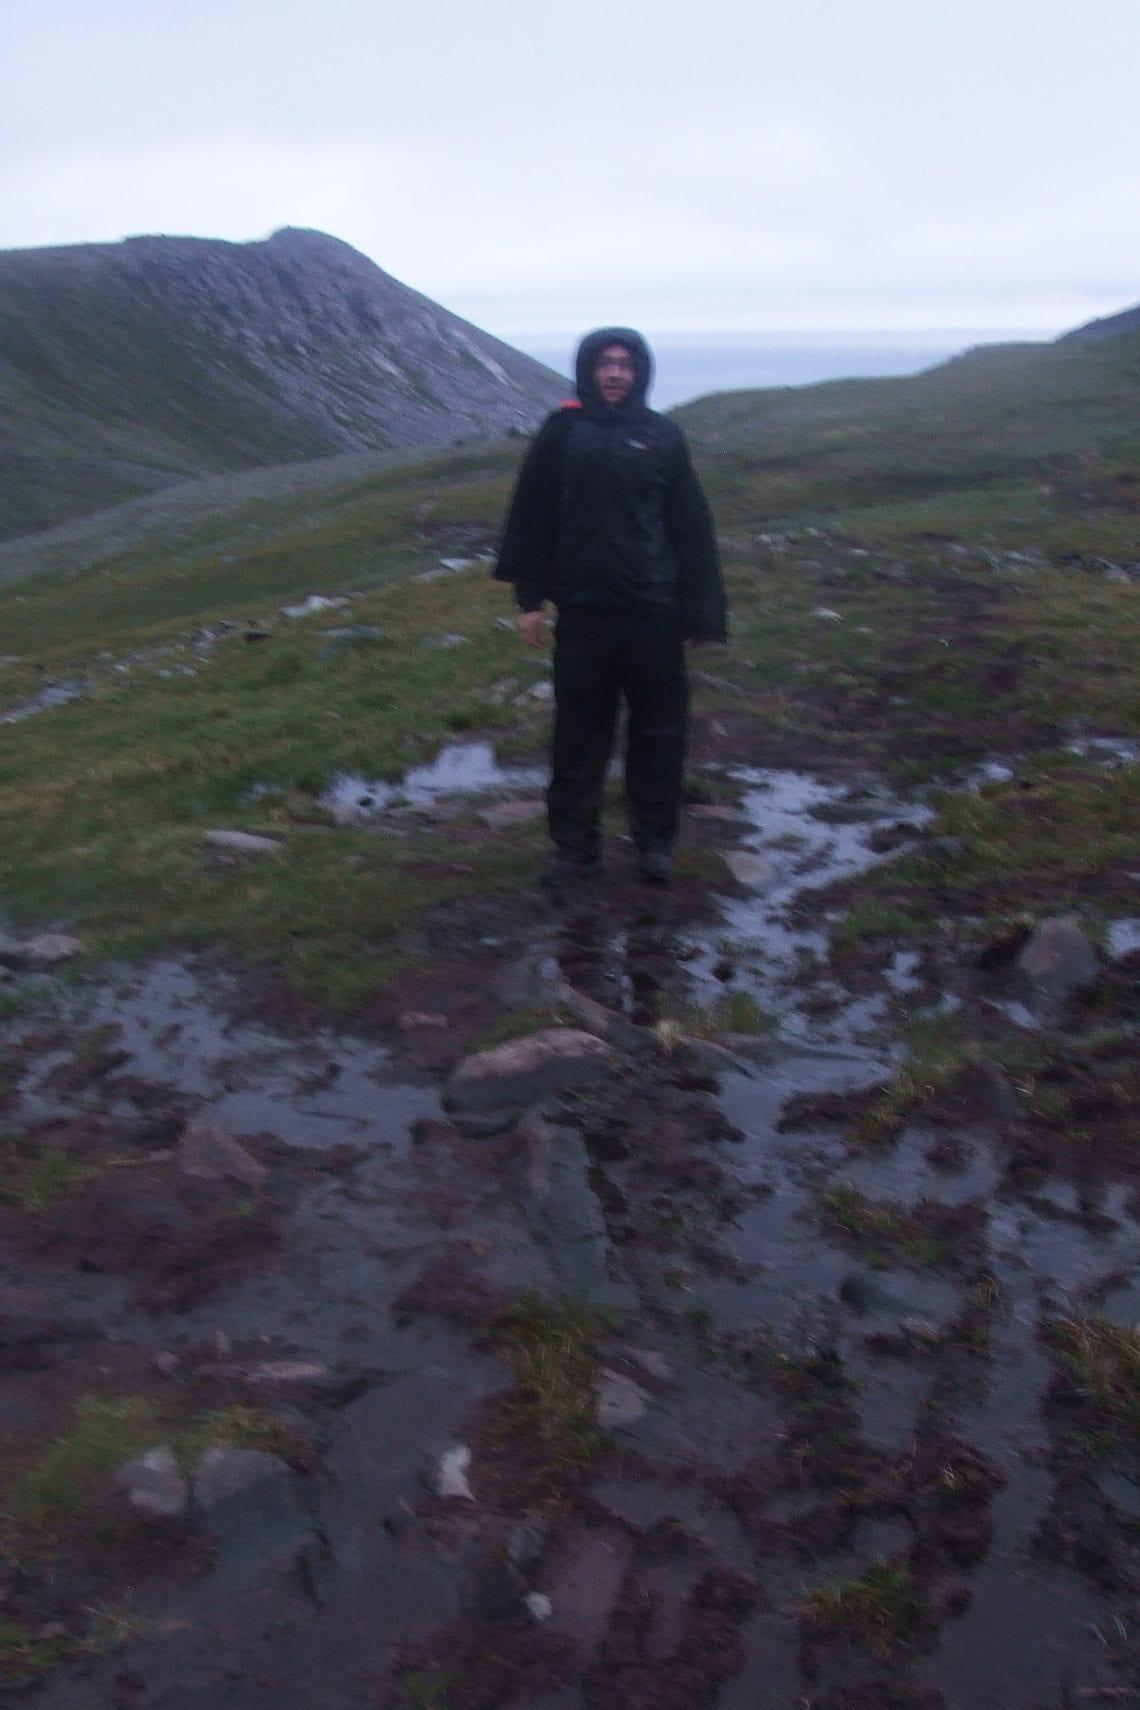 nordkapp george negotiating the mud